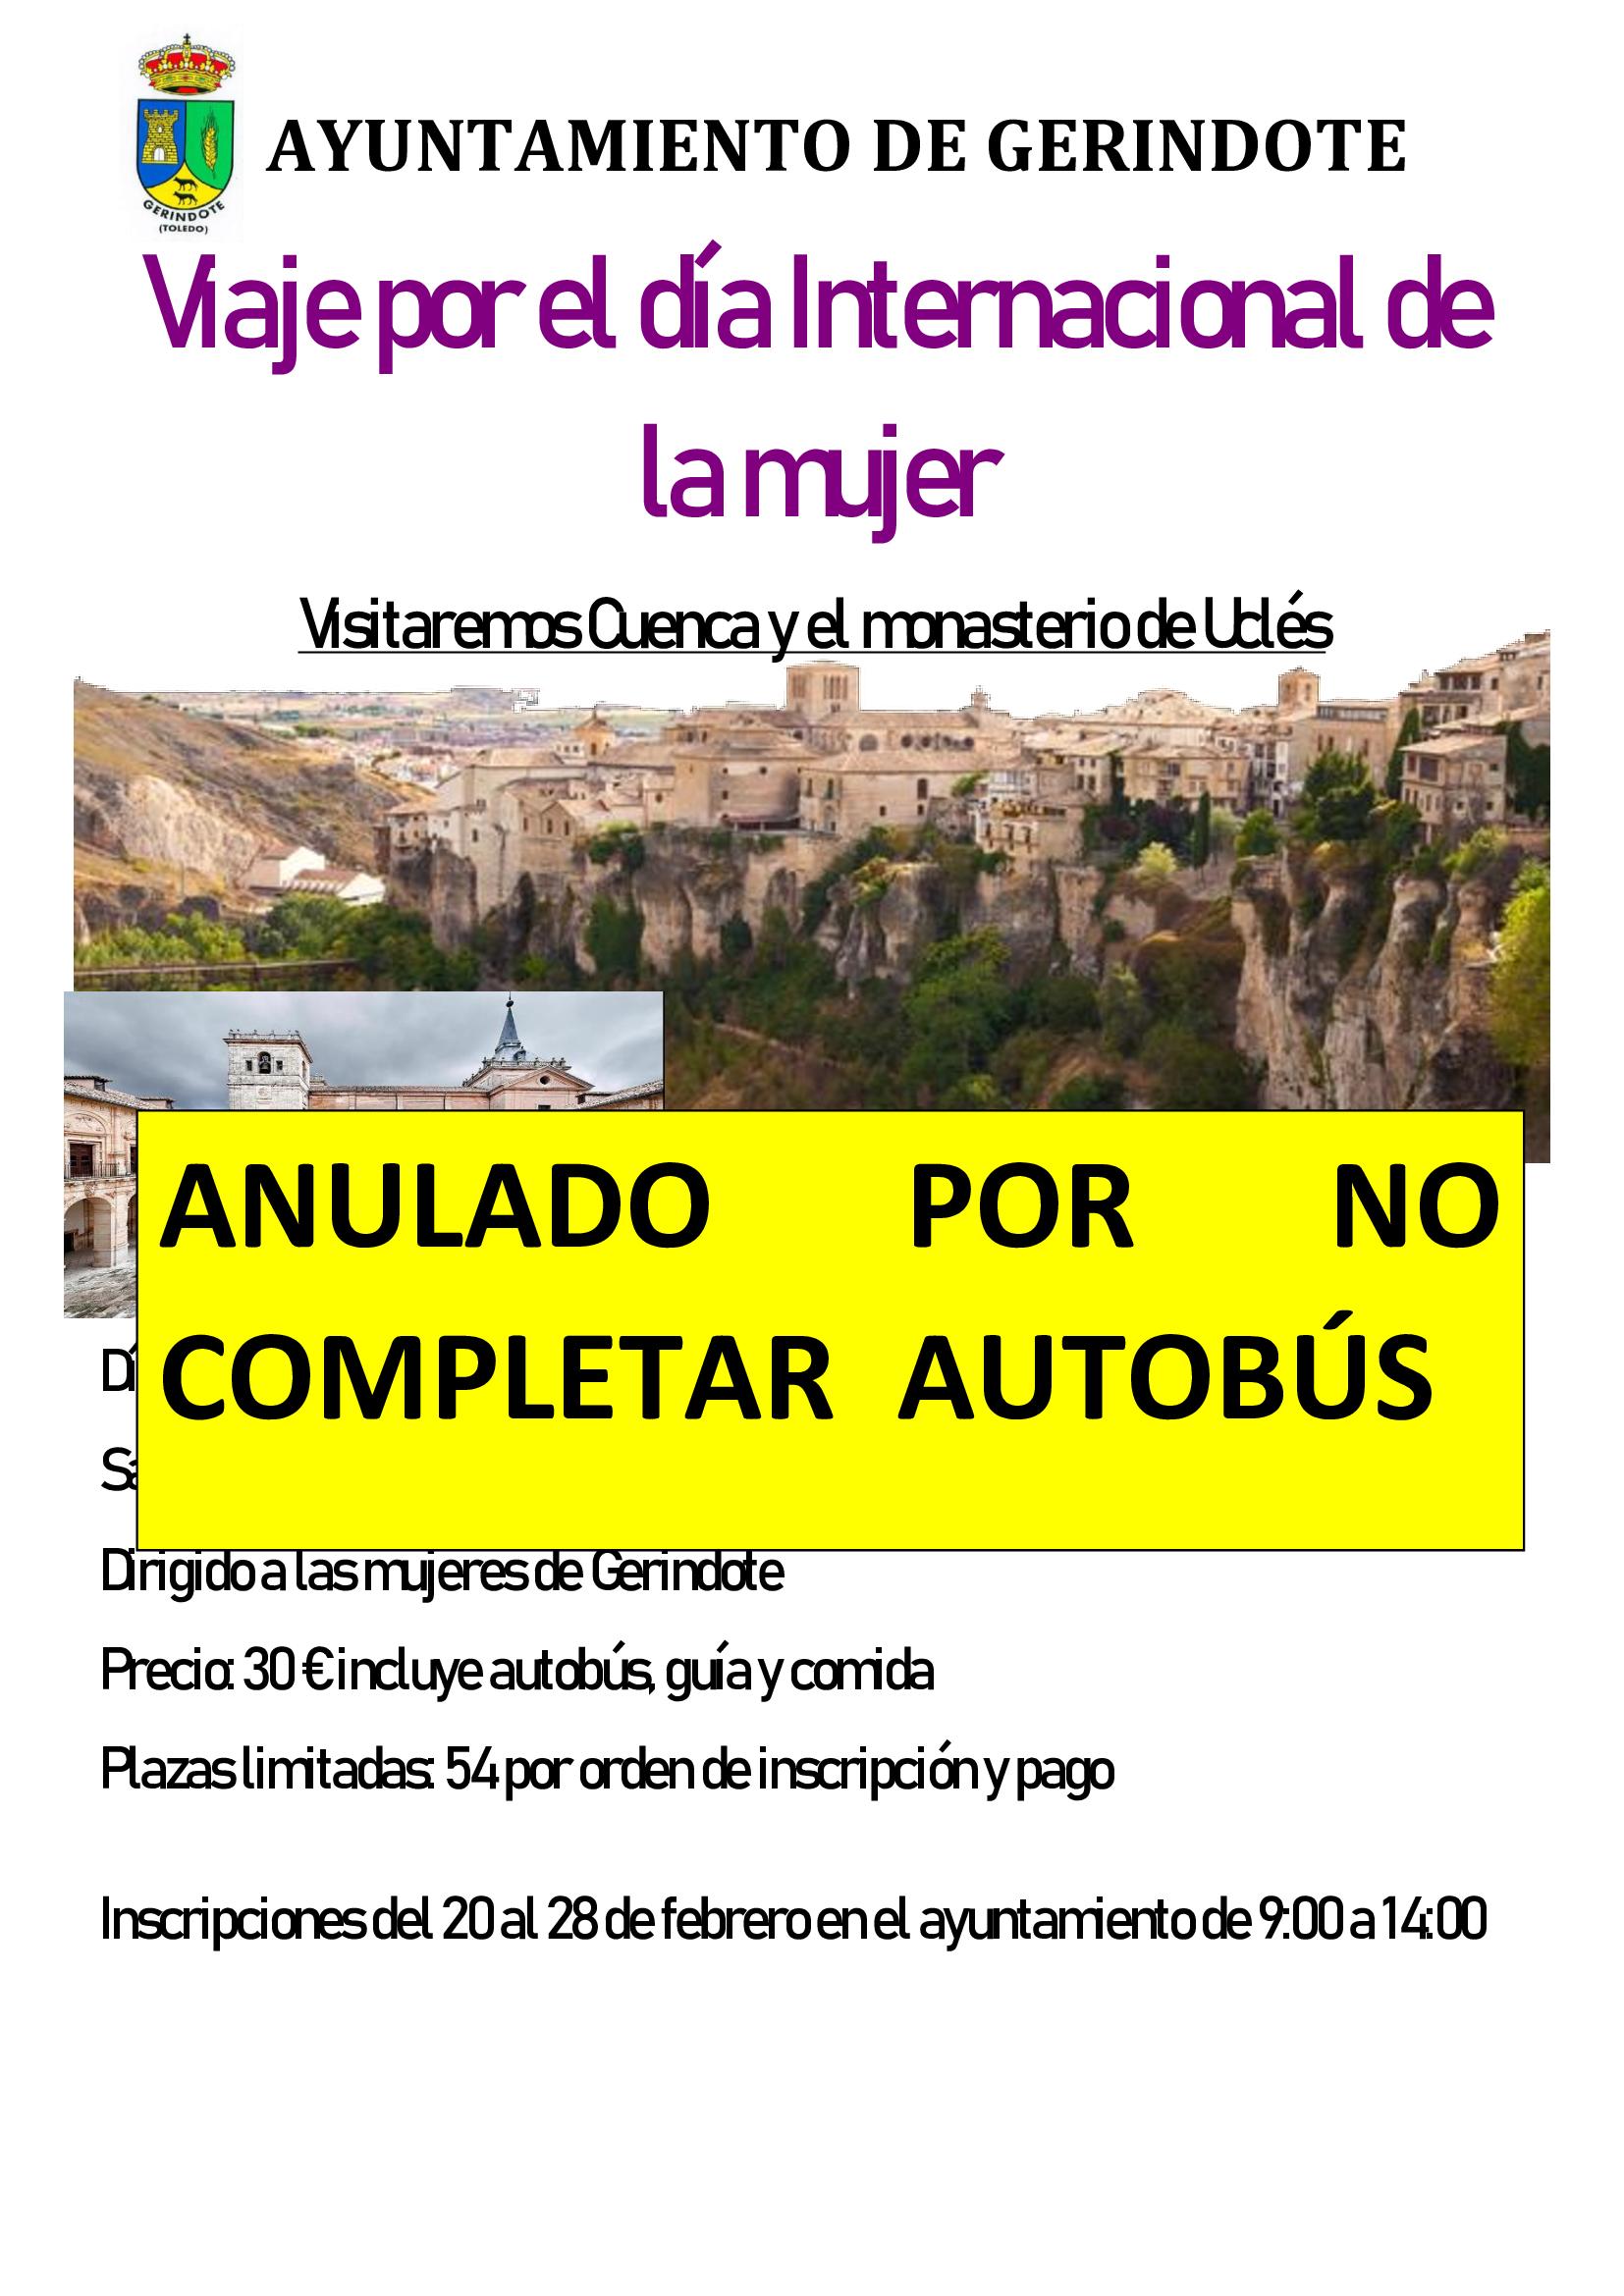 CARTEL-VIAJE-CUENCA ANULADO (1)